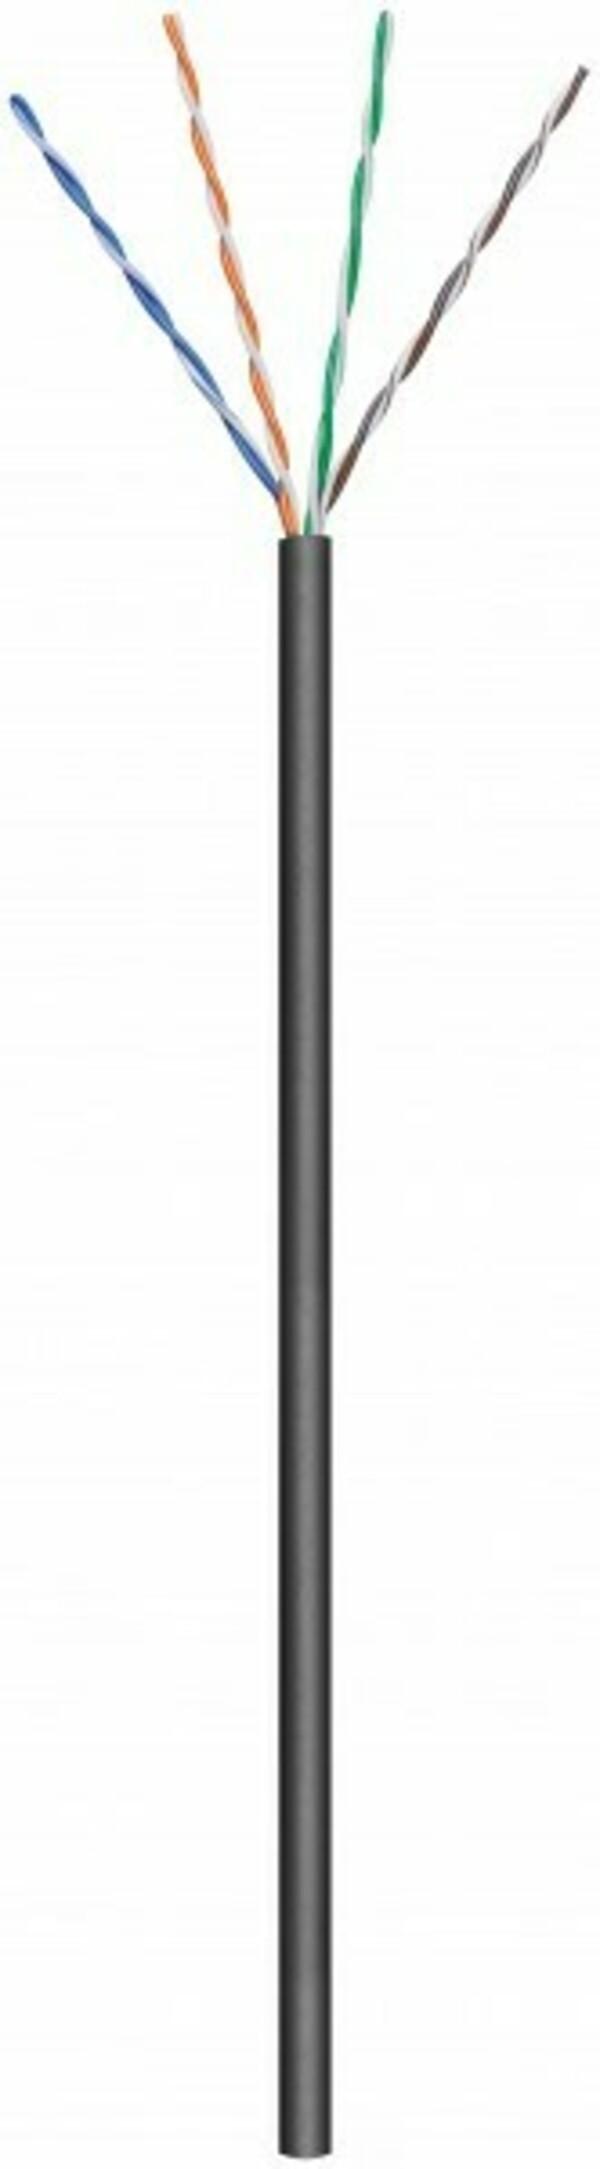 Afbeelding van CAT5e U/UTP 100m buitenkabel op rol stug zwart CCA